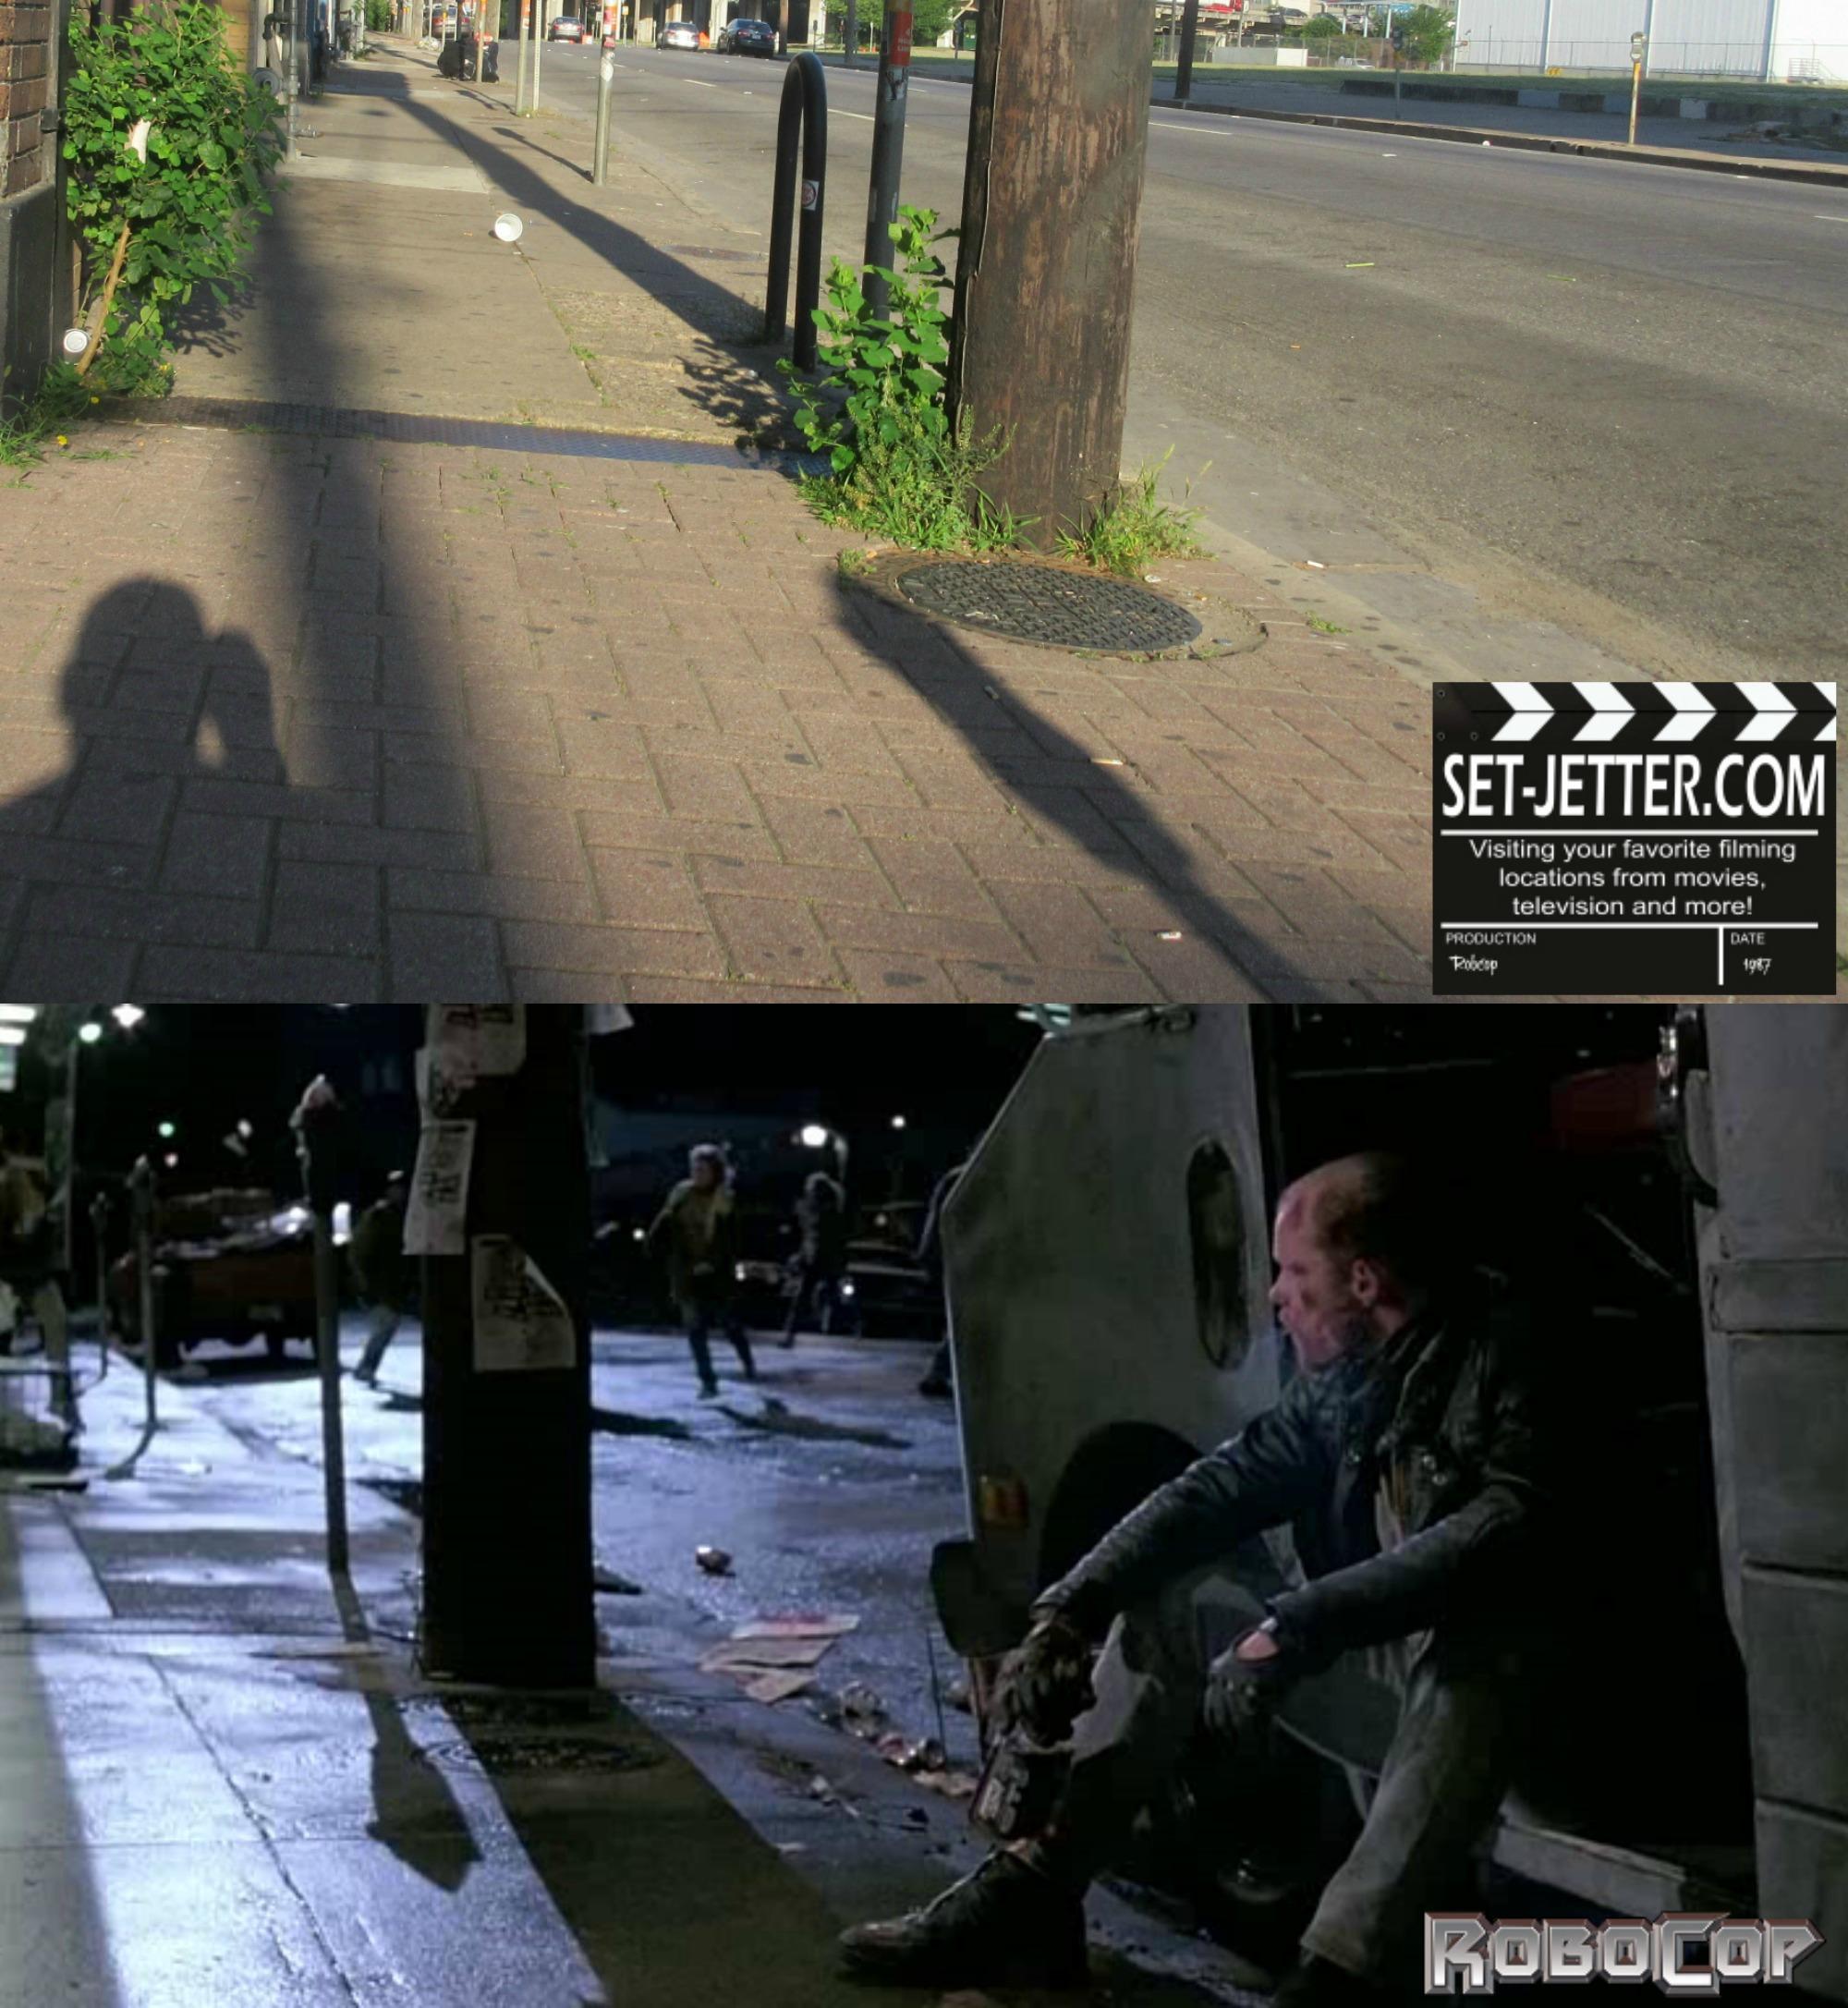 Robocop comparison 117.jpg